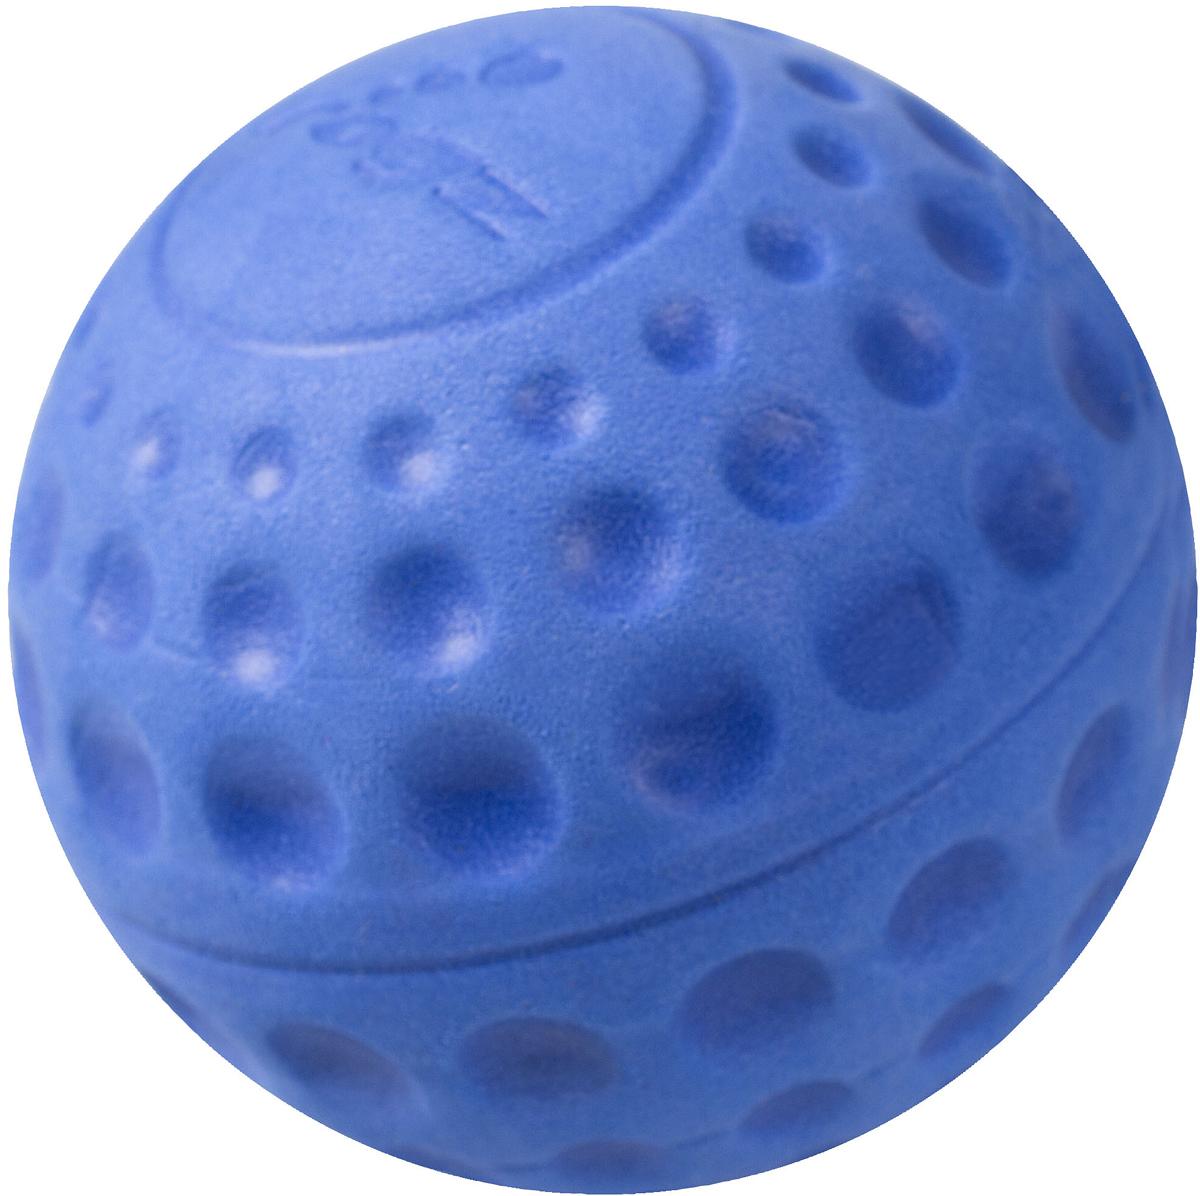 Игрушка для собак Rogz Asteroidz, цвет: синий, диаметр 6,4 смGLG014Мяч для собак Rogz Asteroidz предназначен для игры с хозяином Принеси.Мяч имеет небольшой вес, не травмирует десны, не повреждает зубы, удобно носить в пасти.Отличная упругость для подпрыгивания.Изготовлено из особого термоэластопласта Sebs, обеспечивающего великолепную плавучесть в воде, поэтому игрушка отлично подходит для игры в водоеме. Материал изделия: EVA (этиленвинилацетат) - легкий мелкопористый материал, похожий на застывшую пену.Не токсичен.